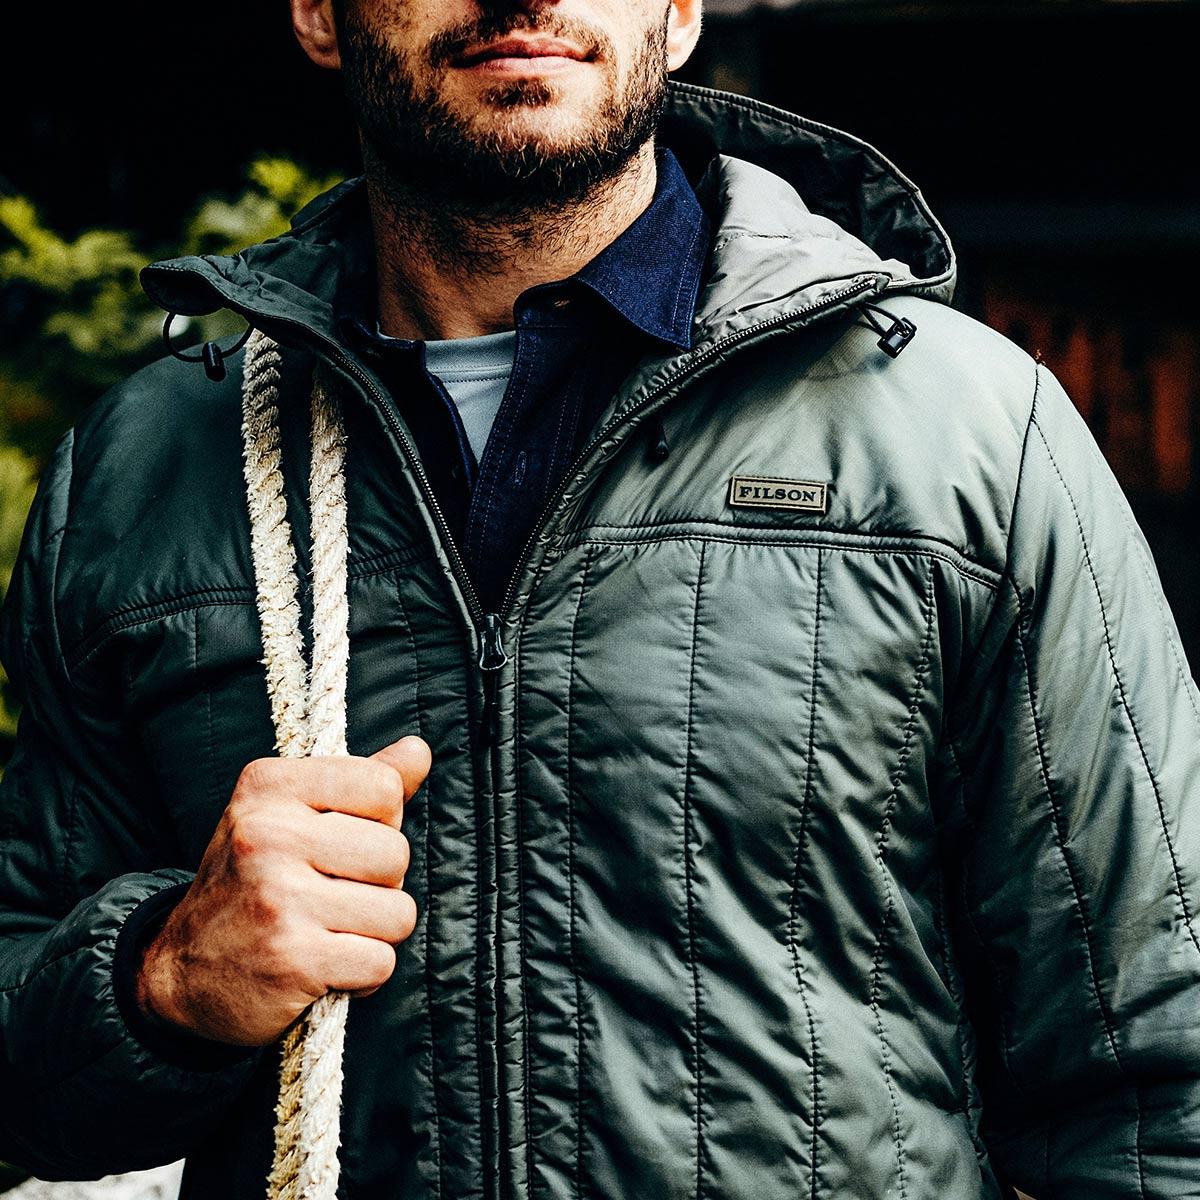 Filson Ultra Light Hooded Jacket Olive Gray, lichtgewicht jas met uitzonderlijke warmte-gewichtsverhouding